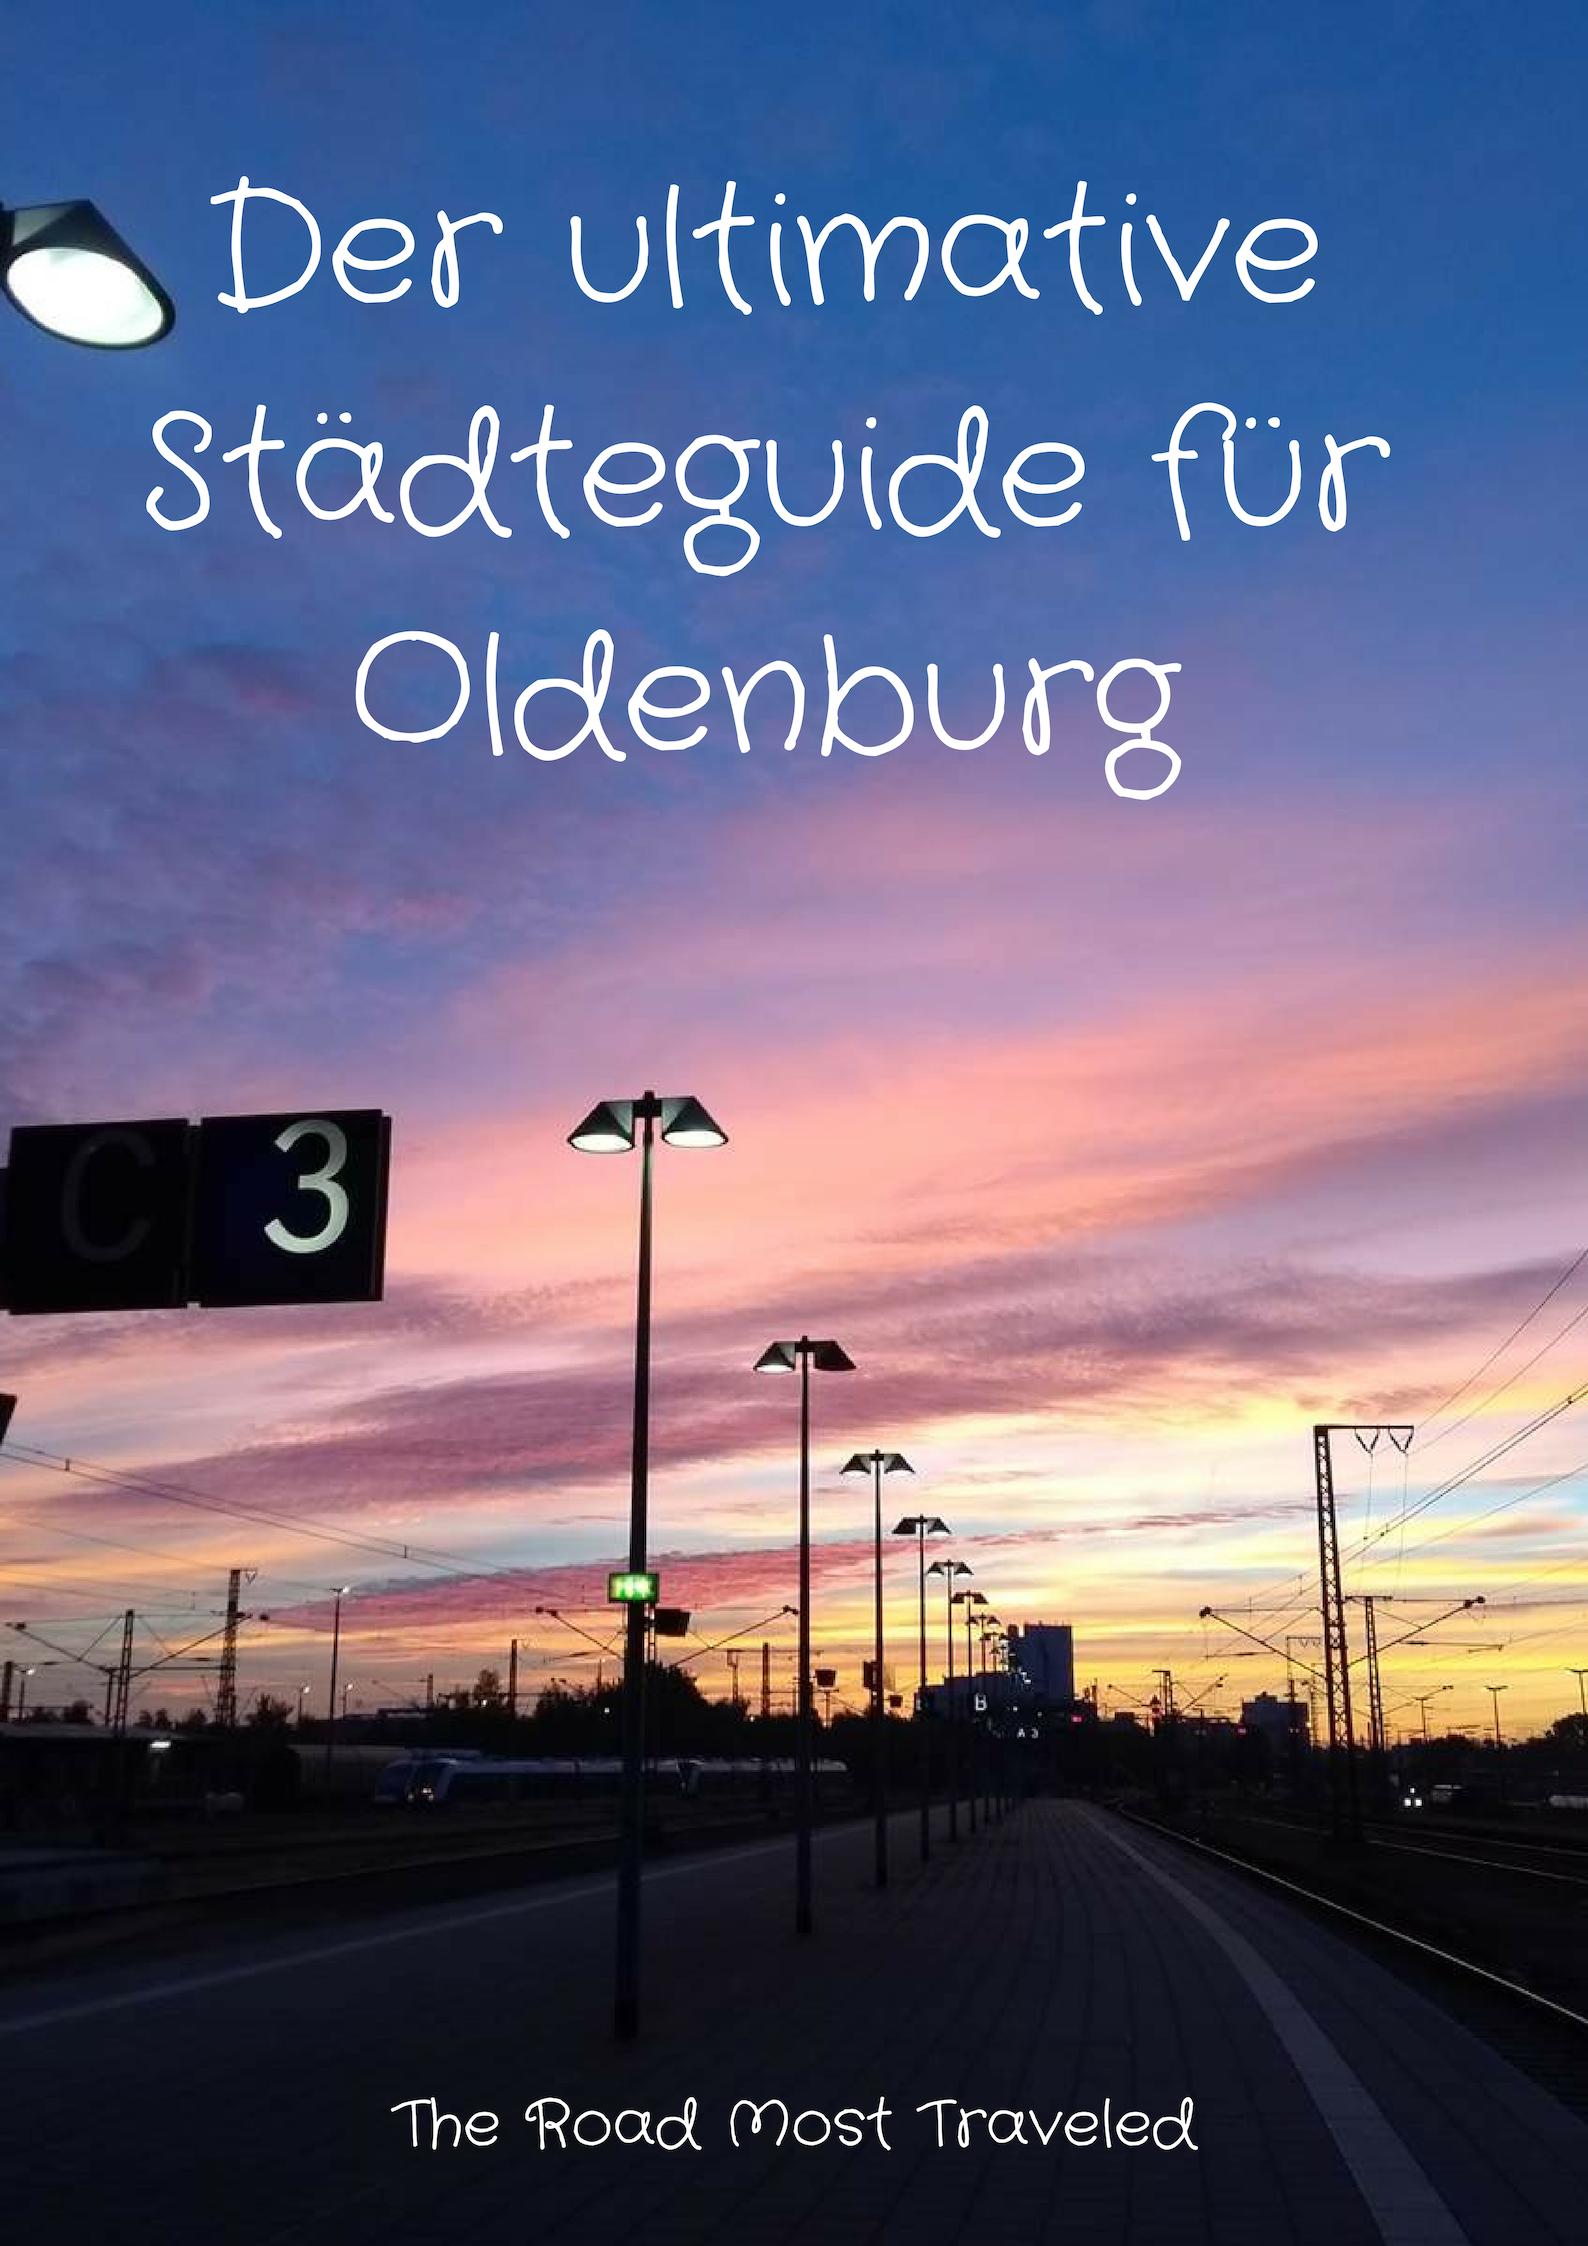 Der Ultimative Stadteguide Fur Oldenburg In Oldenburg Urlaub In Deutschland Reisen Deutschland Urlaub